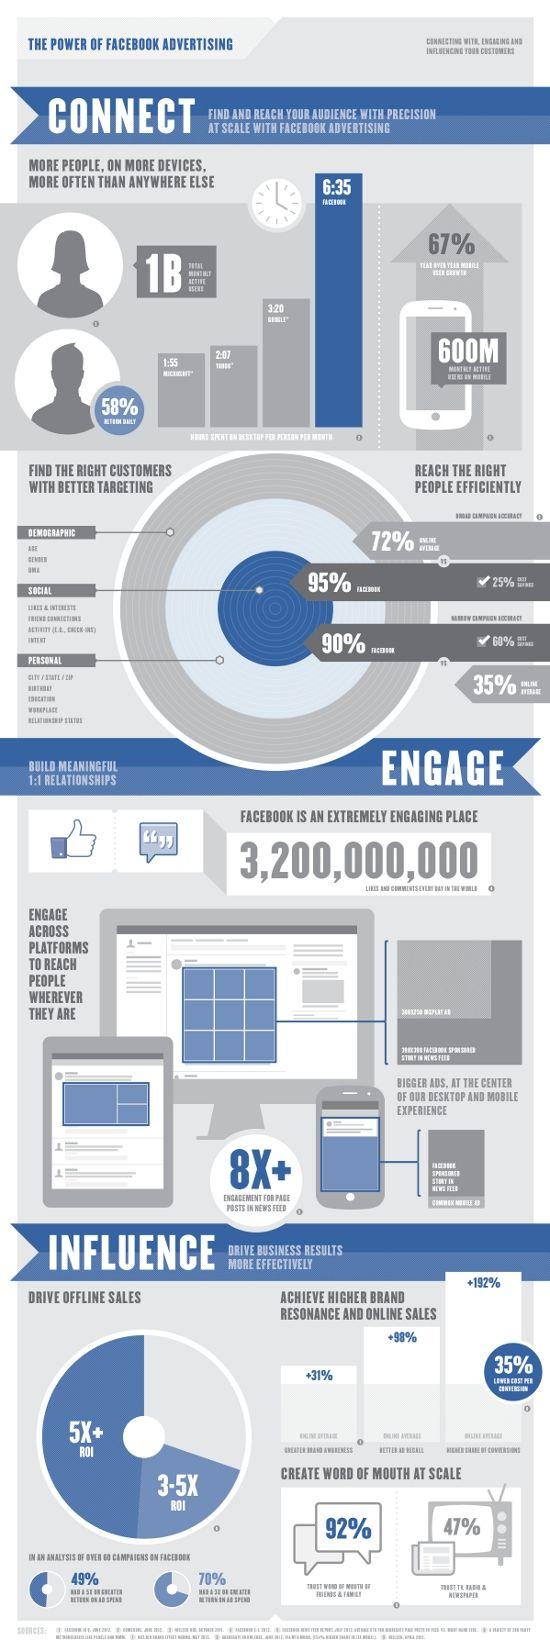 [인포그래픽] 페이스북의 광고 효과 - IT World Korea